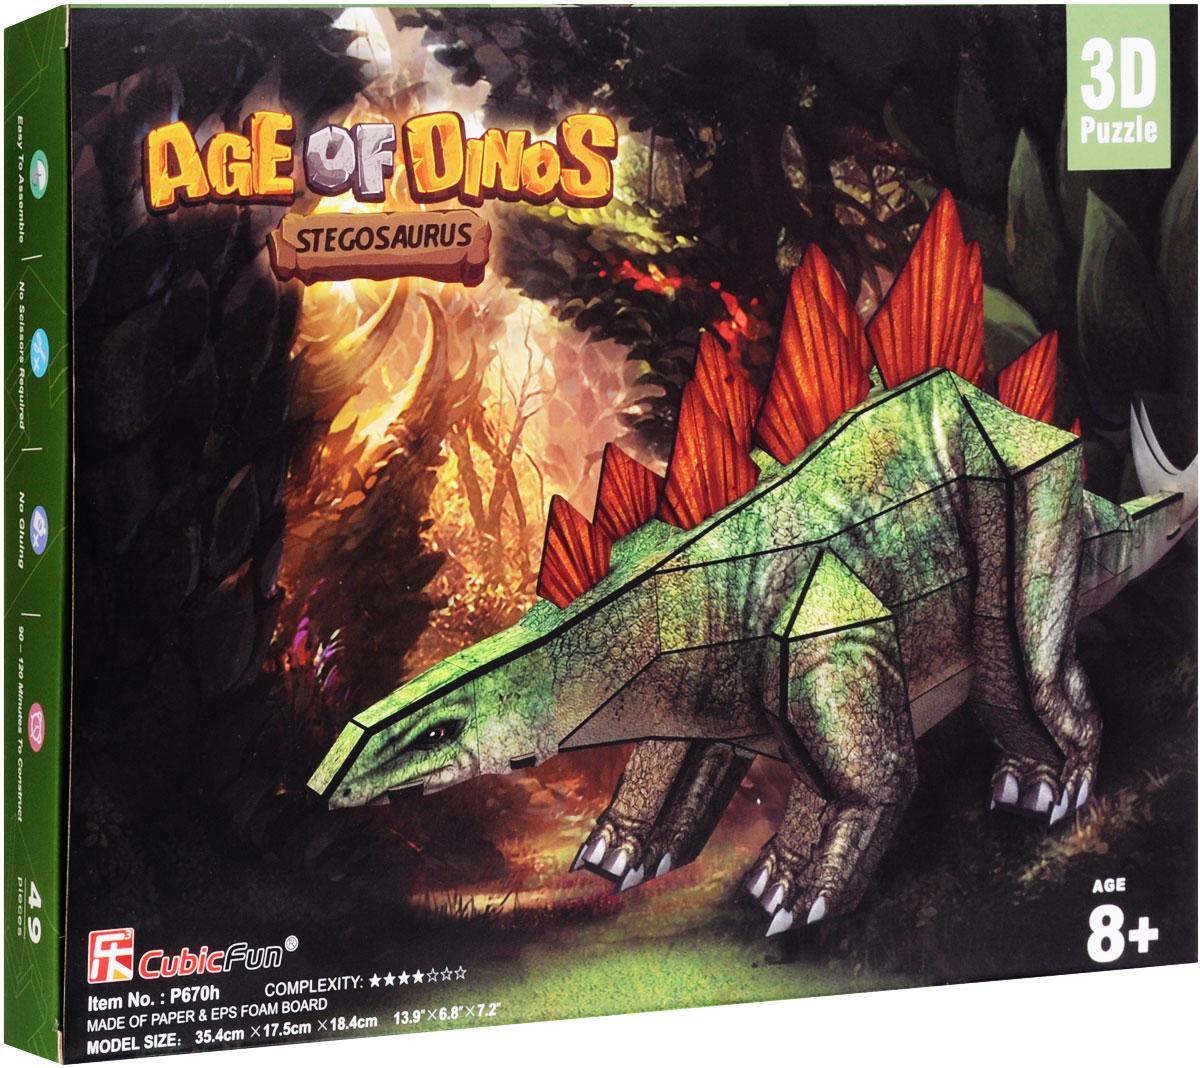 CubicFun 3D пазл Эра Динозавров Стегозавр - CubicFunP670h3D пазл CubicFun Эра Динозавров. Стегозавр надолго увлечет вас и вашего малыша. Теперь ваш ребёнок сможет собрать 3D-модель одного из ужасных доисторических обитателей нашей планеты - стегозавра! 3D пазл включает в себя 49 элементов из мягкого вспененного полимера и бумаги, а также иллюстрированную инструкцию. Конструктор невероятно прост в применении - вам не понадобятся ножницы или клей, все элементы легко извлекаются из рамок путем выдавливания и соединяются благодаря вырубкам. Пазл порадует вас высоким качеством исполнения и детализации и подарит вашему малышу множество веселых мгновений. Готовый макет станет предметом гордости малыша, он будет великолепным украшением любого интерьера или подарком для родных и близких. Порадуйте своего малыша таким прекрасным подарком! Сложность игрушки: 4 звезды из 7.